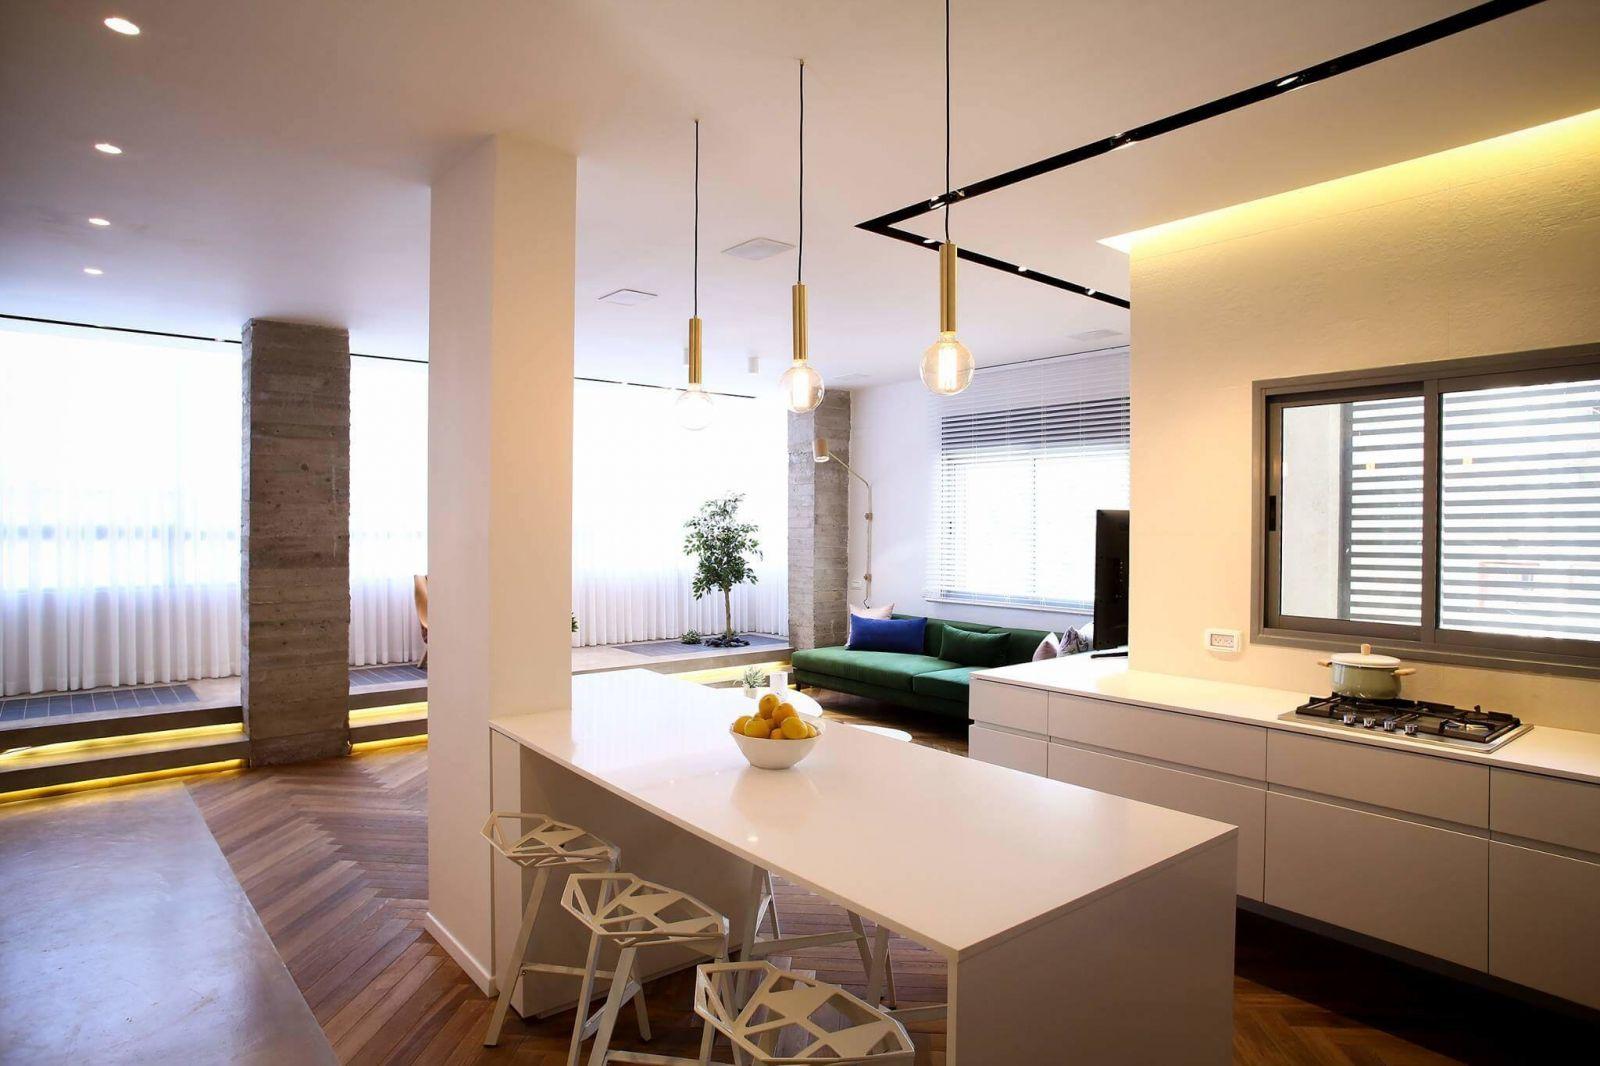 Благодаря мебели и освещению помещение четко разделено на функциональные зоны